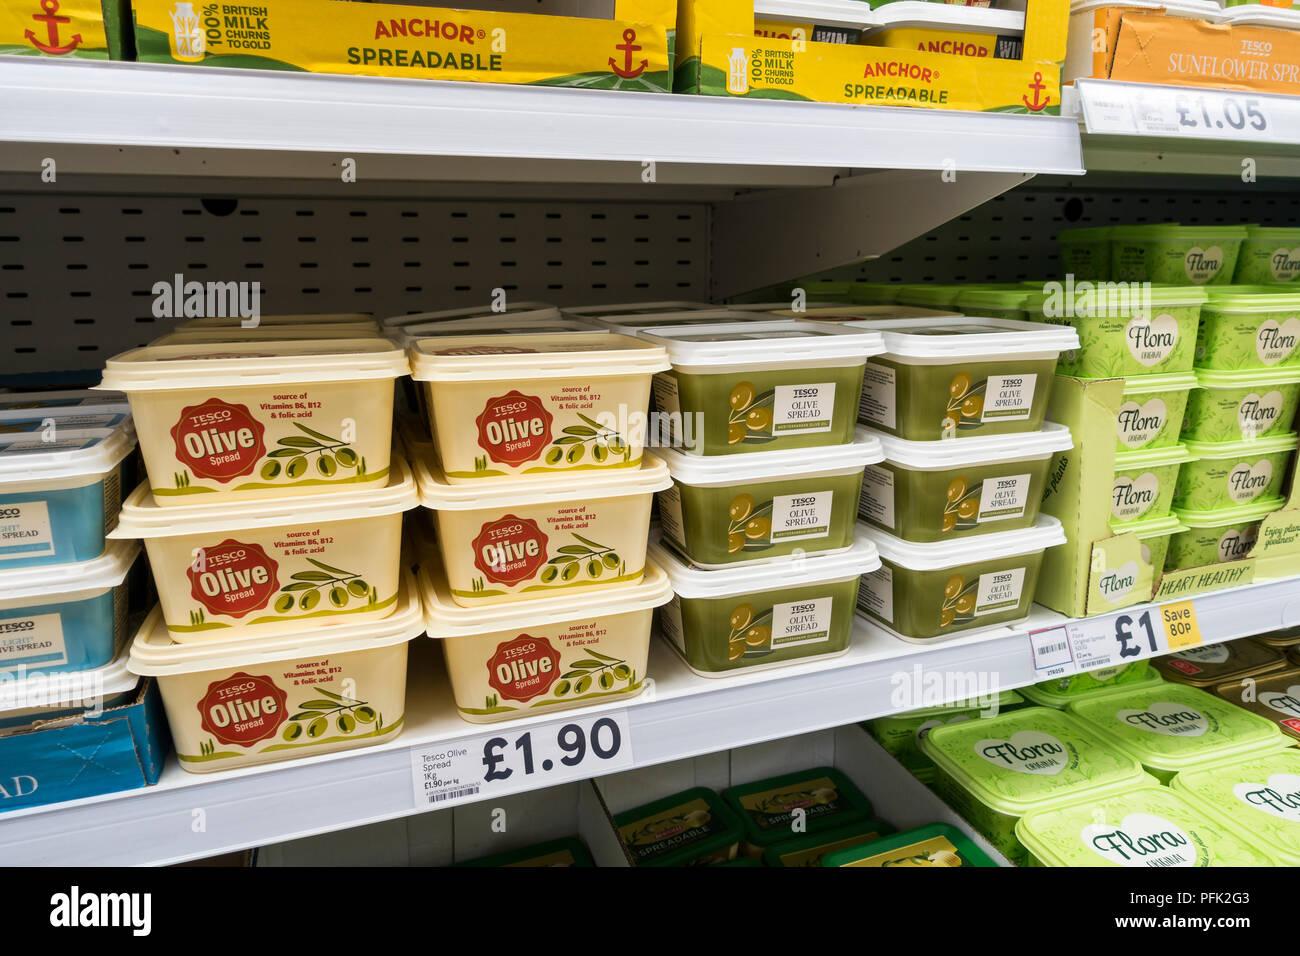 Olive oil spreads on display, for sale on supermarket shelves, United Kingdom - Stock Image